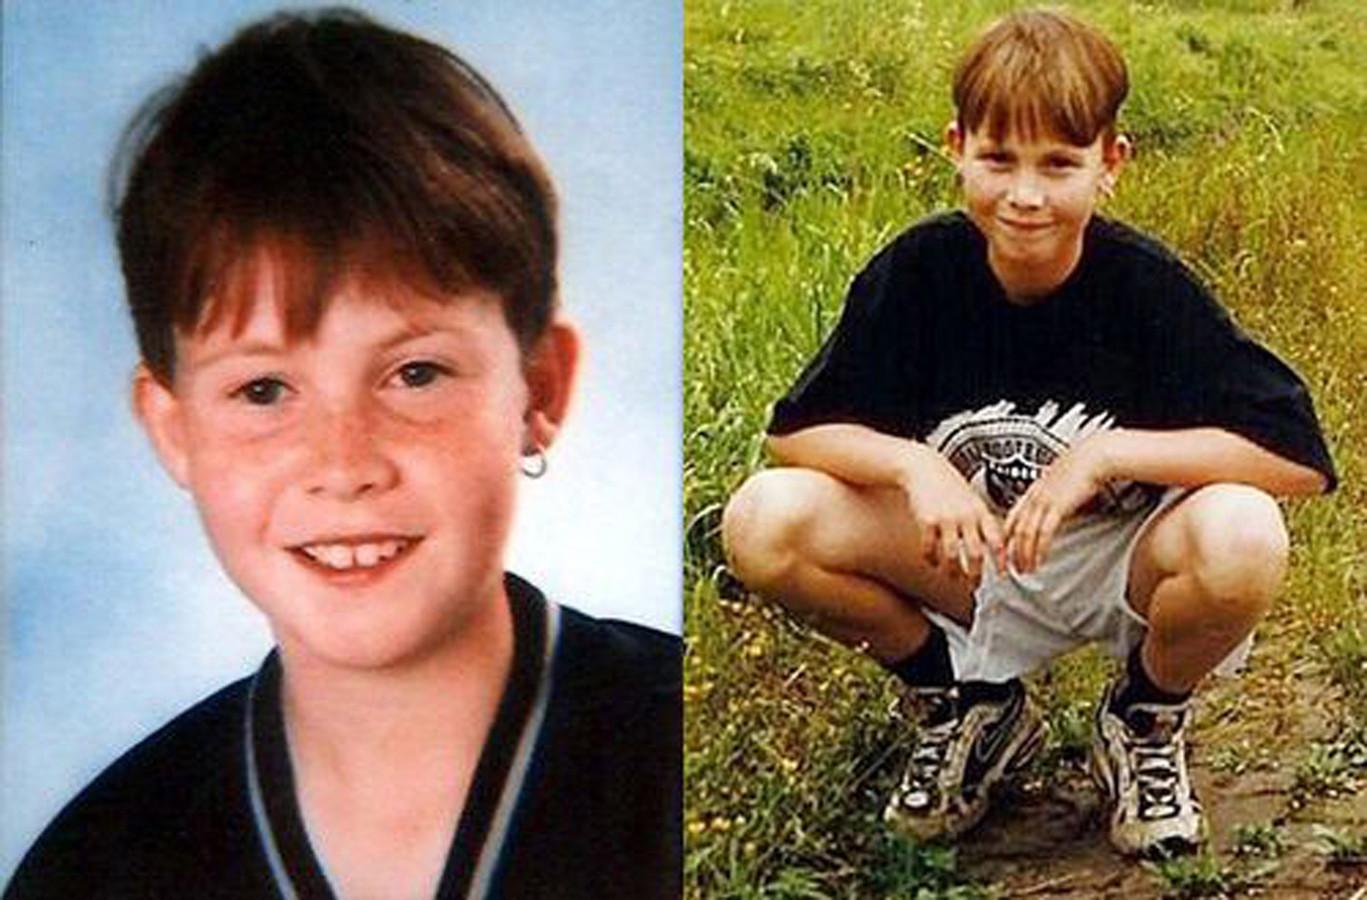 De in 1998 vermoorde Nicky Verstappen.